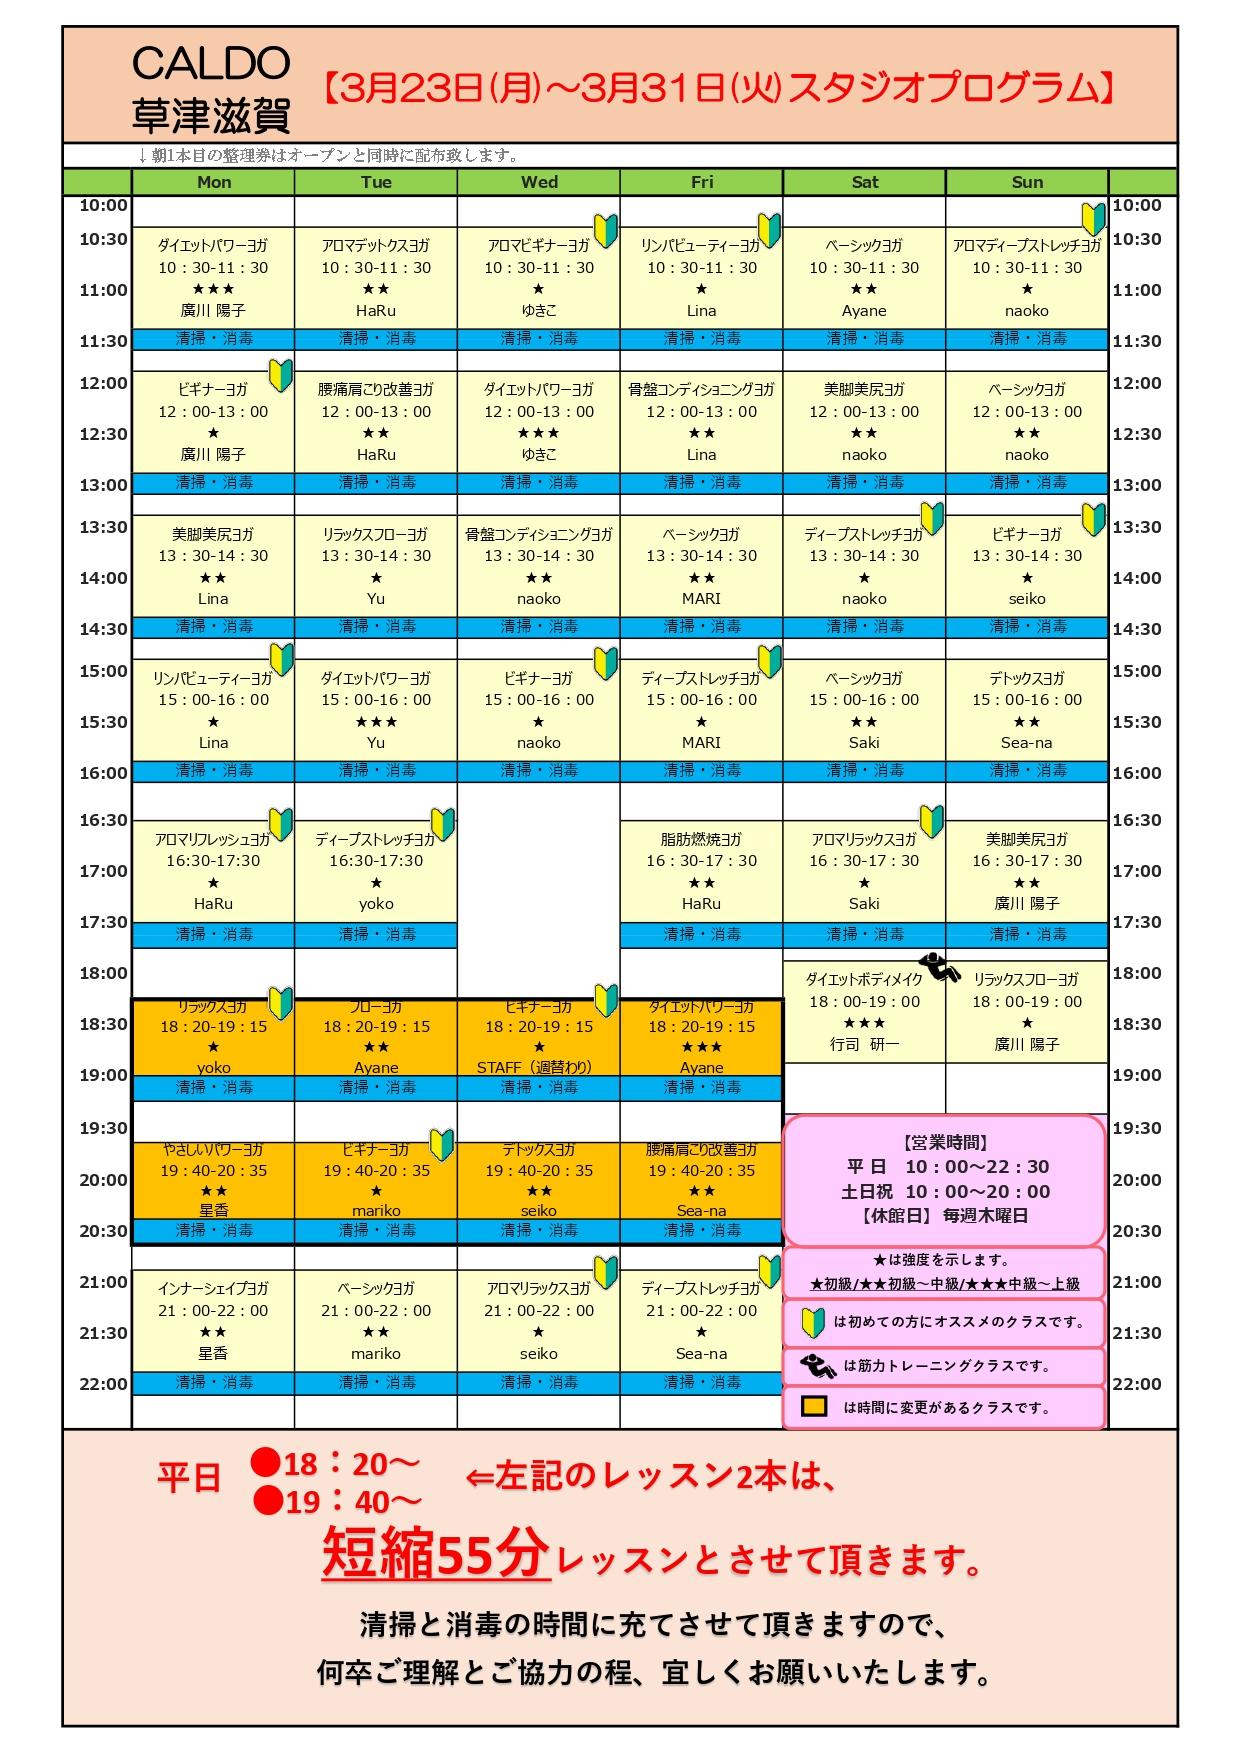 【最新】2月~3月スタジオプログラムコロナ短縮バージョン_page-0001